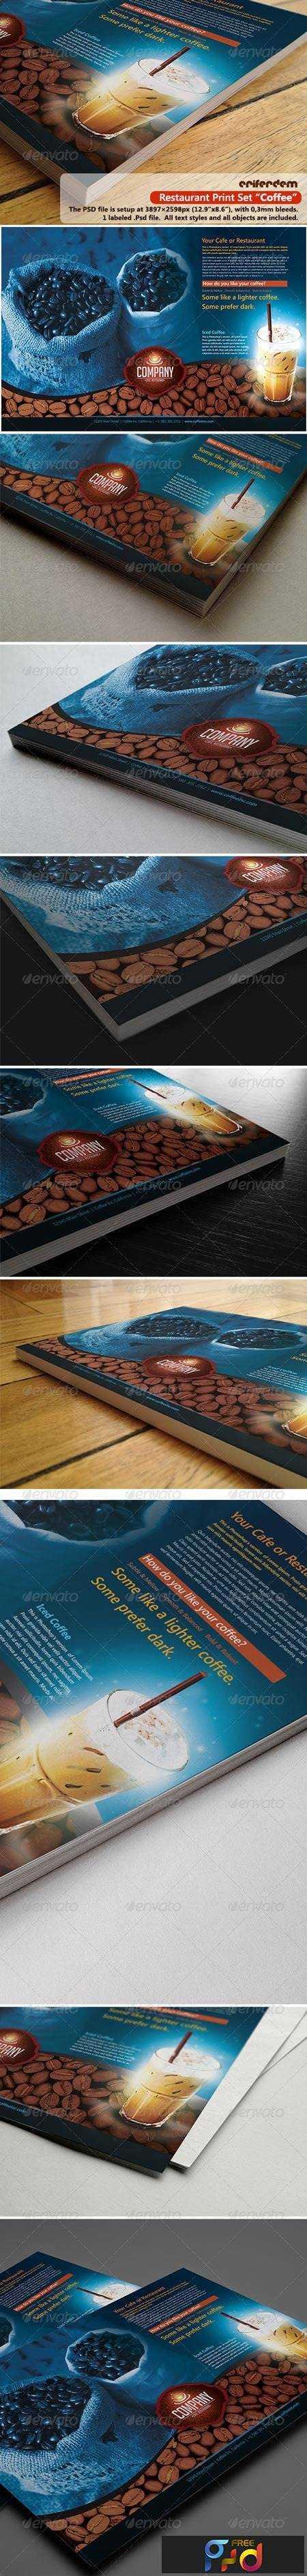 freepsdvn-com_1406014114_restaurant-print-set-coffee-3614314